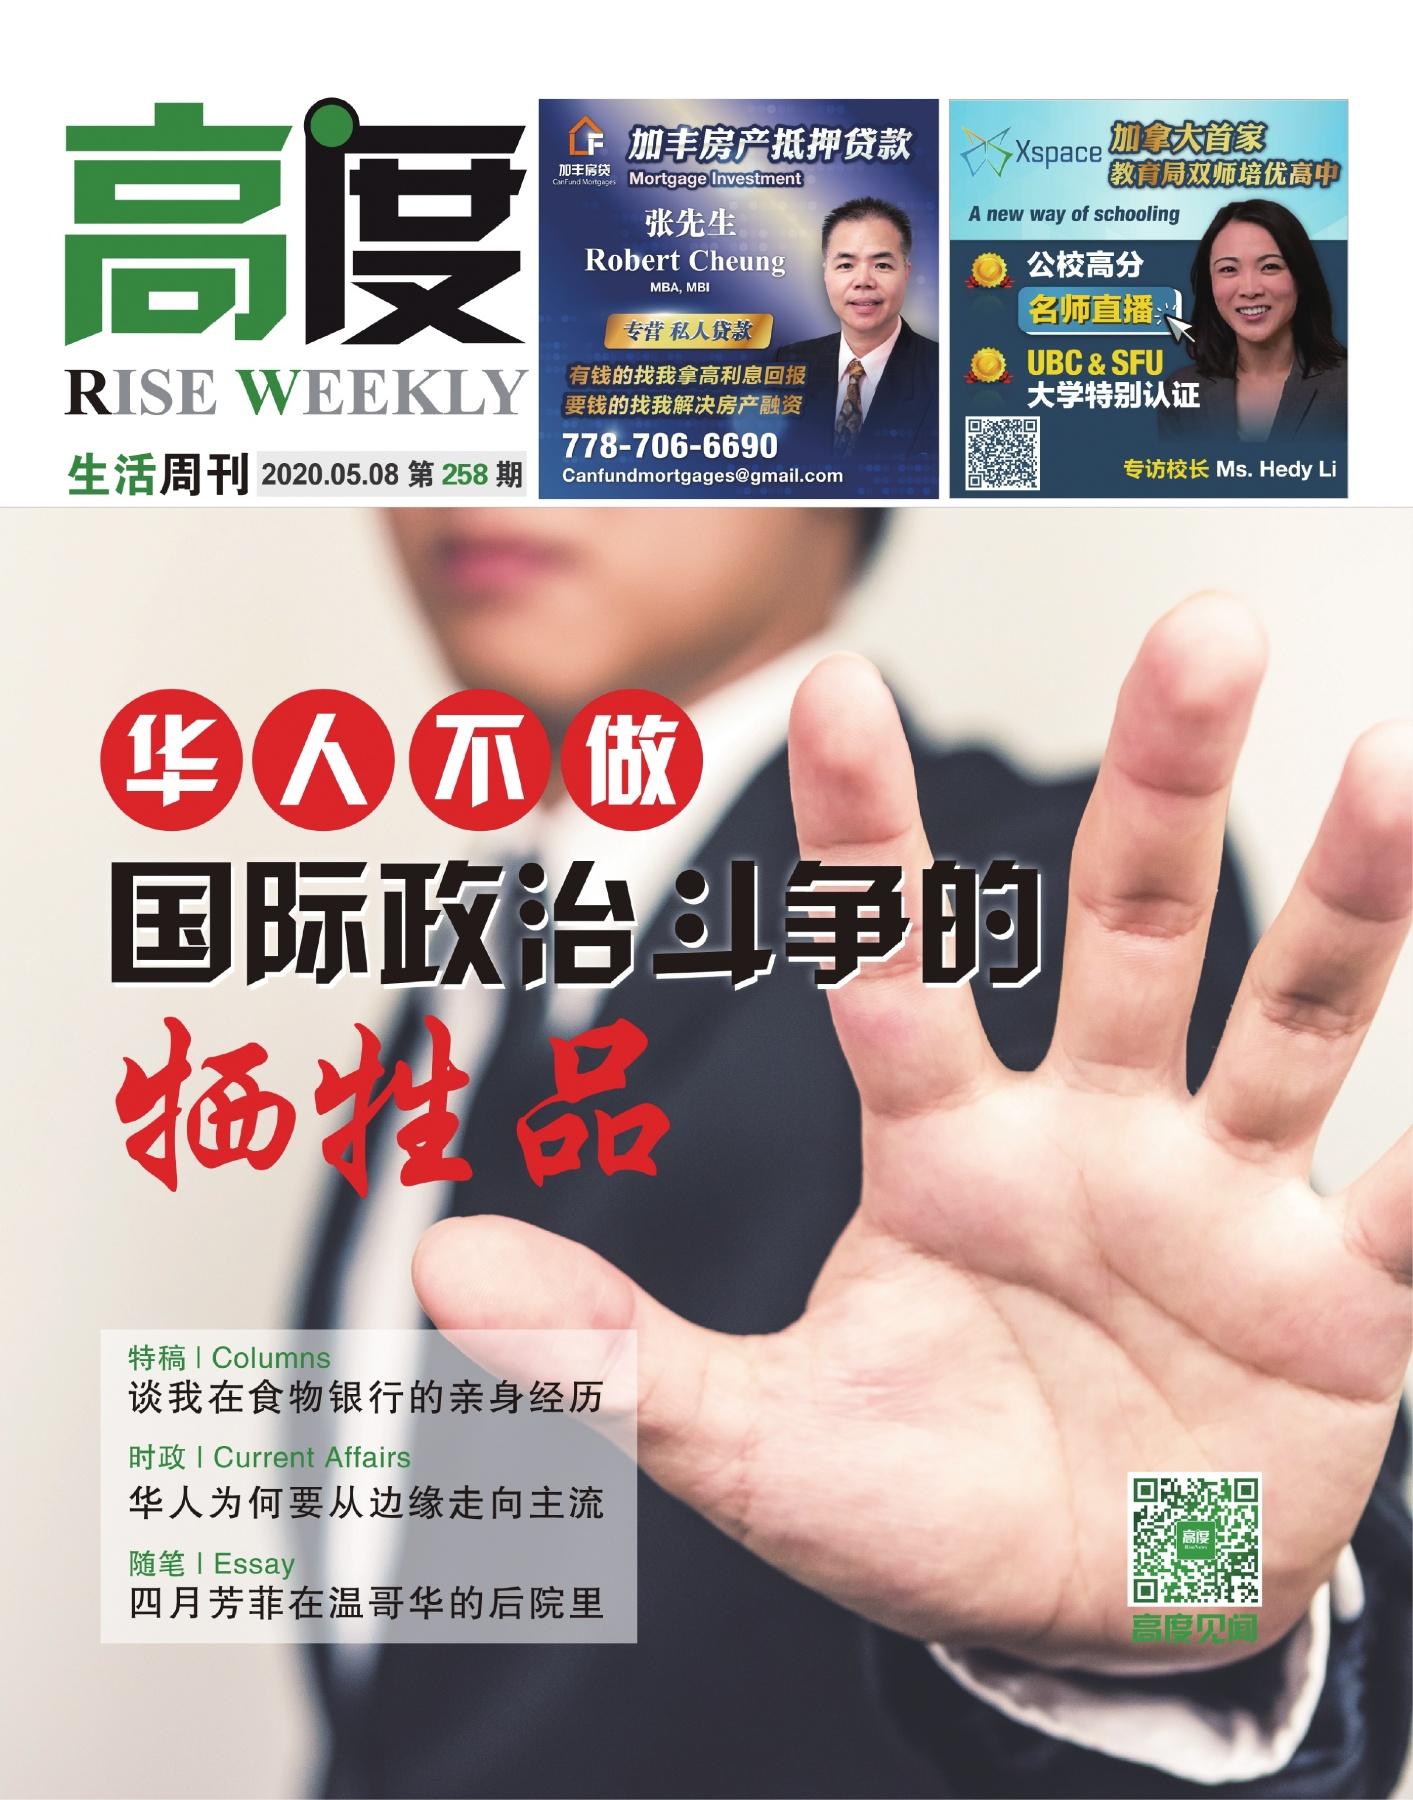 高度生活周刊 2020年05月08日 第258期